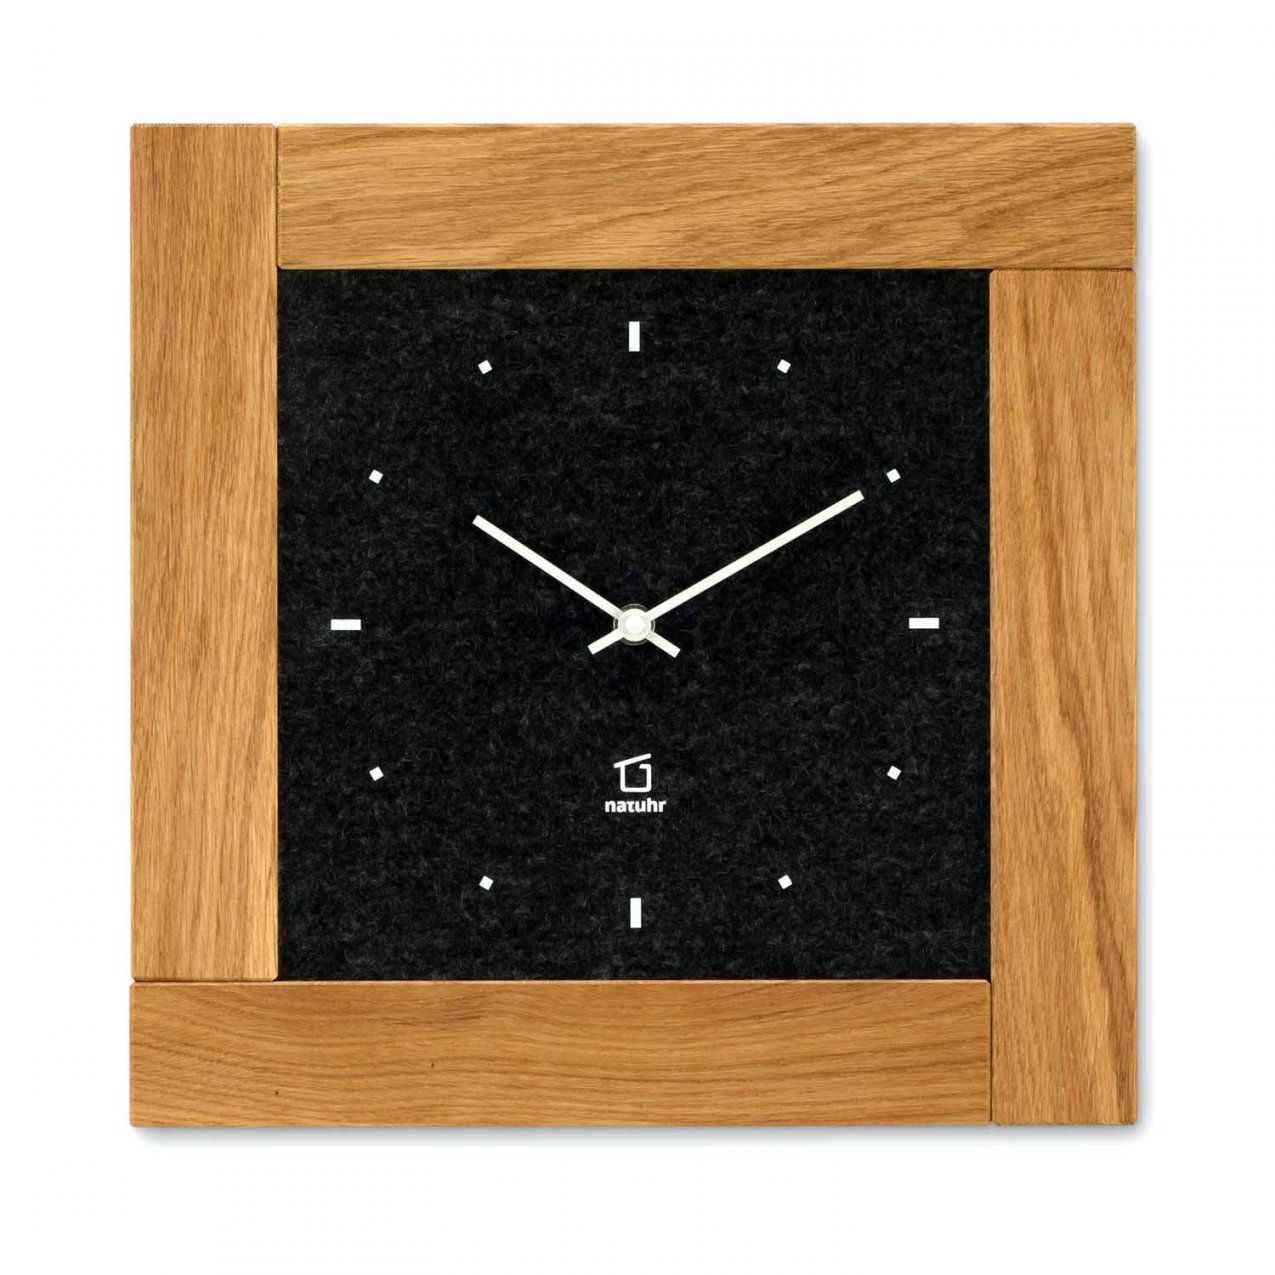 Holz Wanduhr Ams 211 4 Mit Pendel Mechanisch Eiche Heimuhr Pendeluhr von Wanduhr Aus Holz Selber Bauen Photo